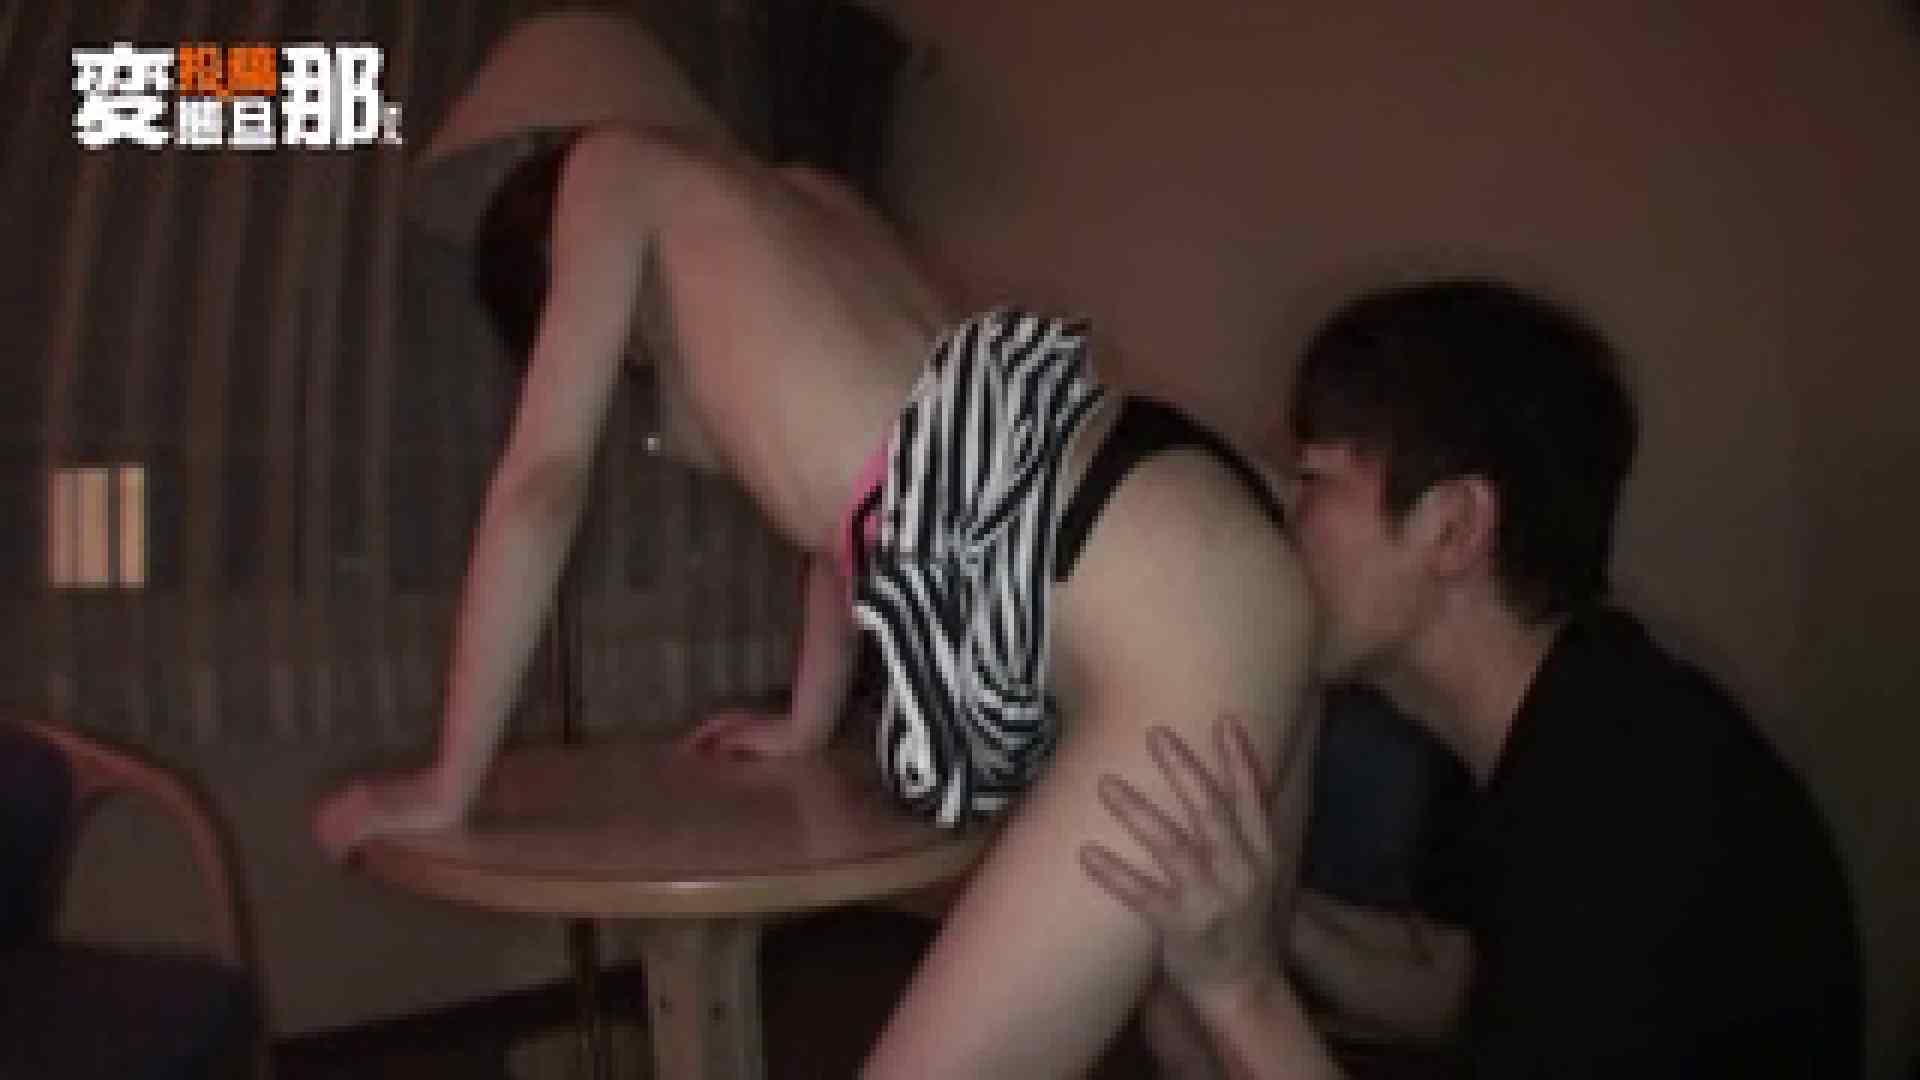 投稿作品 変態旦那さんの出会い系の男に妻を寝取らせる 一般投稿   出会い系  65画像 39